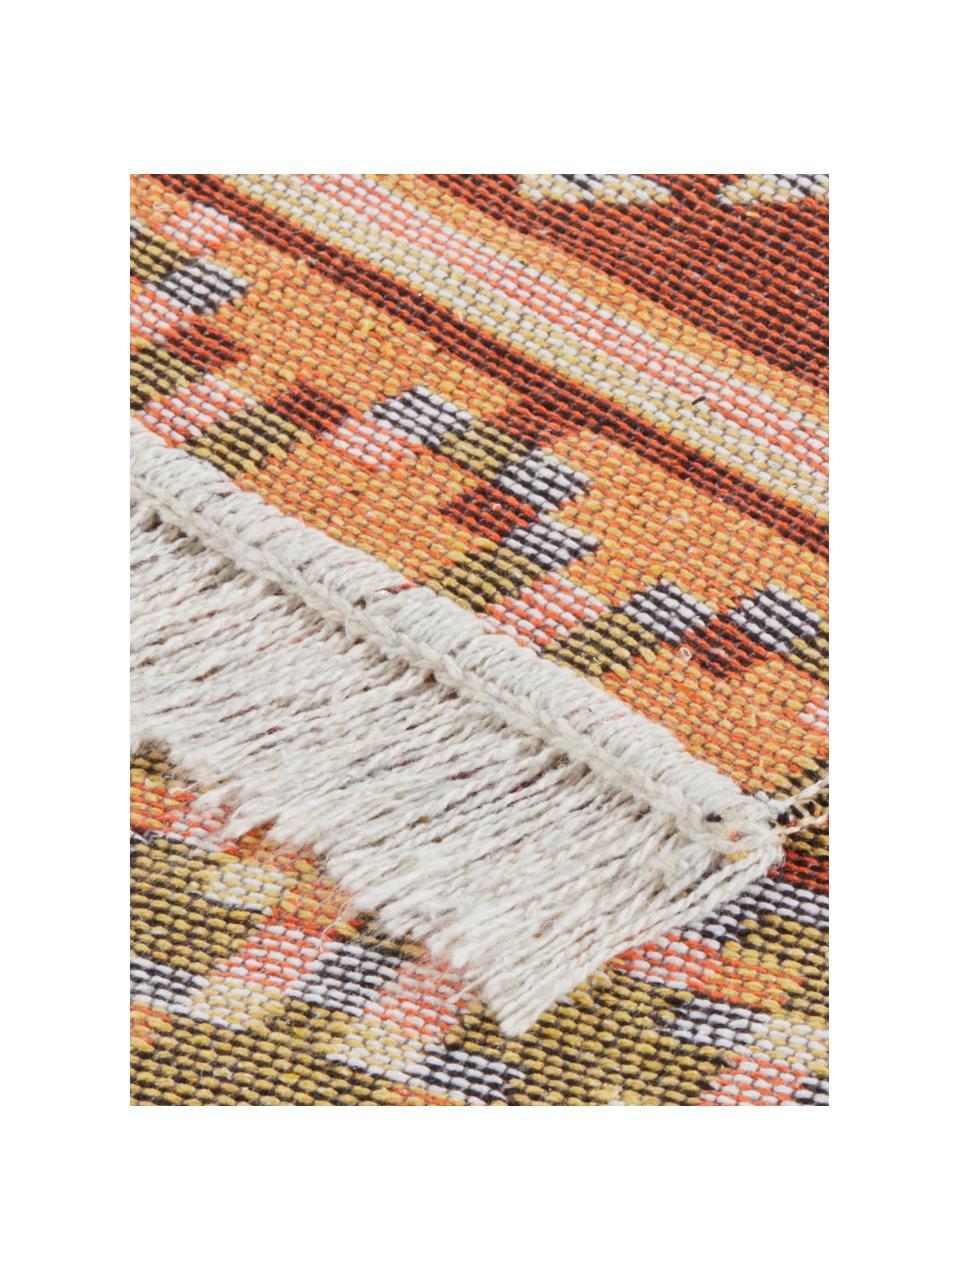 Kelimteppich Kaveri im Ethno-Style aus Baumwolle, 100% Baumwolle, Beige, Mehrfarbig, B 160 x L 220 cm (Größe M)